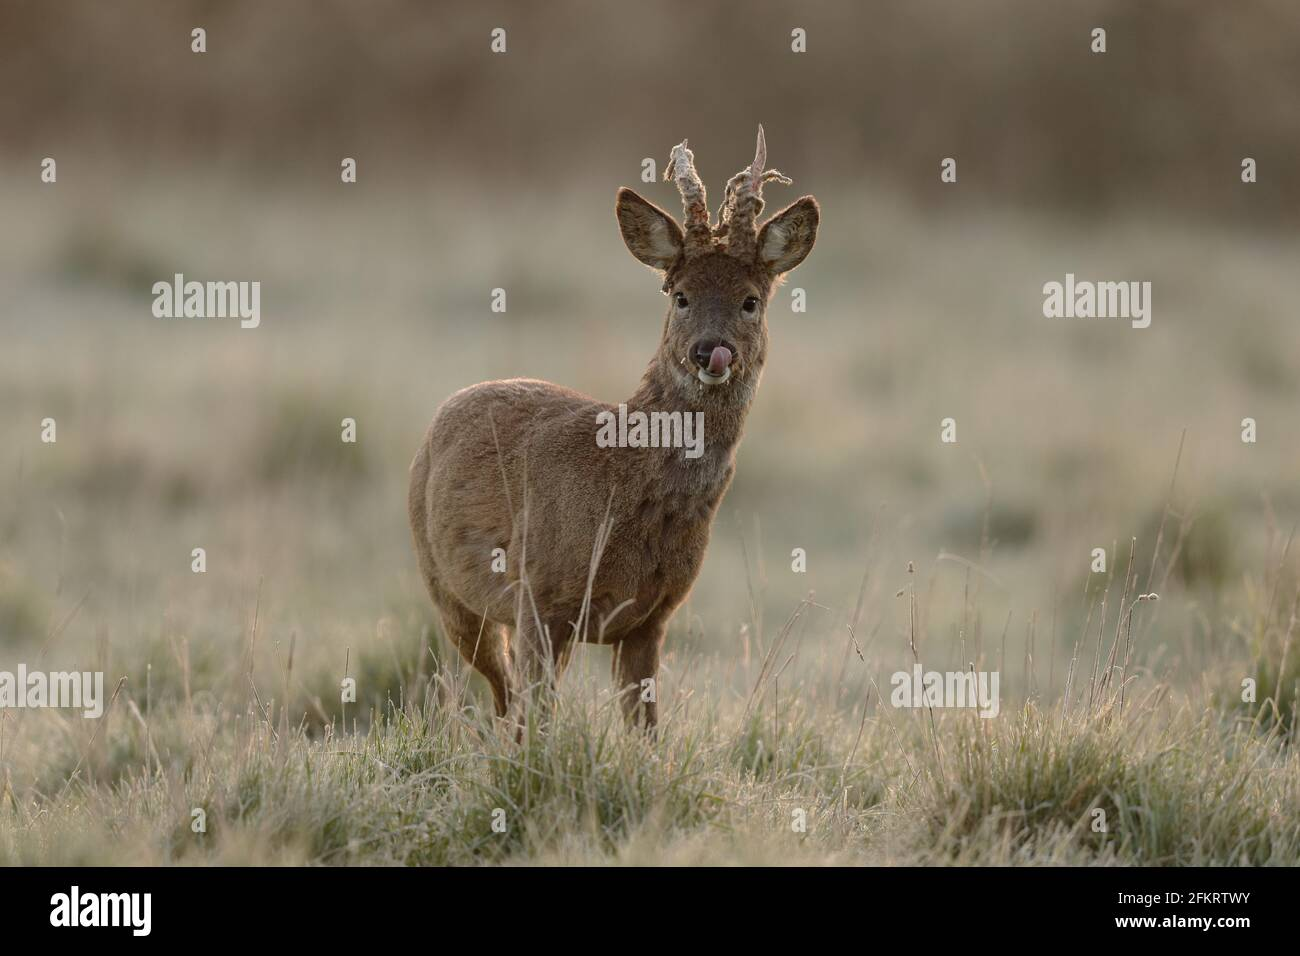 Das Reh, auch als Reh, westliches Reh oder europäisches Reh bekannt, ist eine Hirschart. Das Männchen der Art wird als Roebuck bezeichnet. Stockfoto